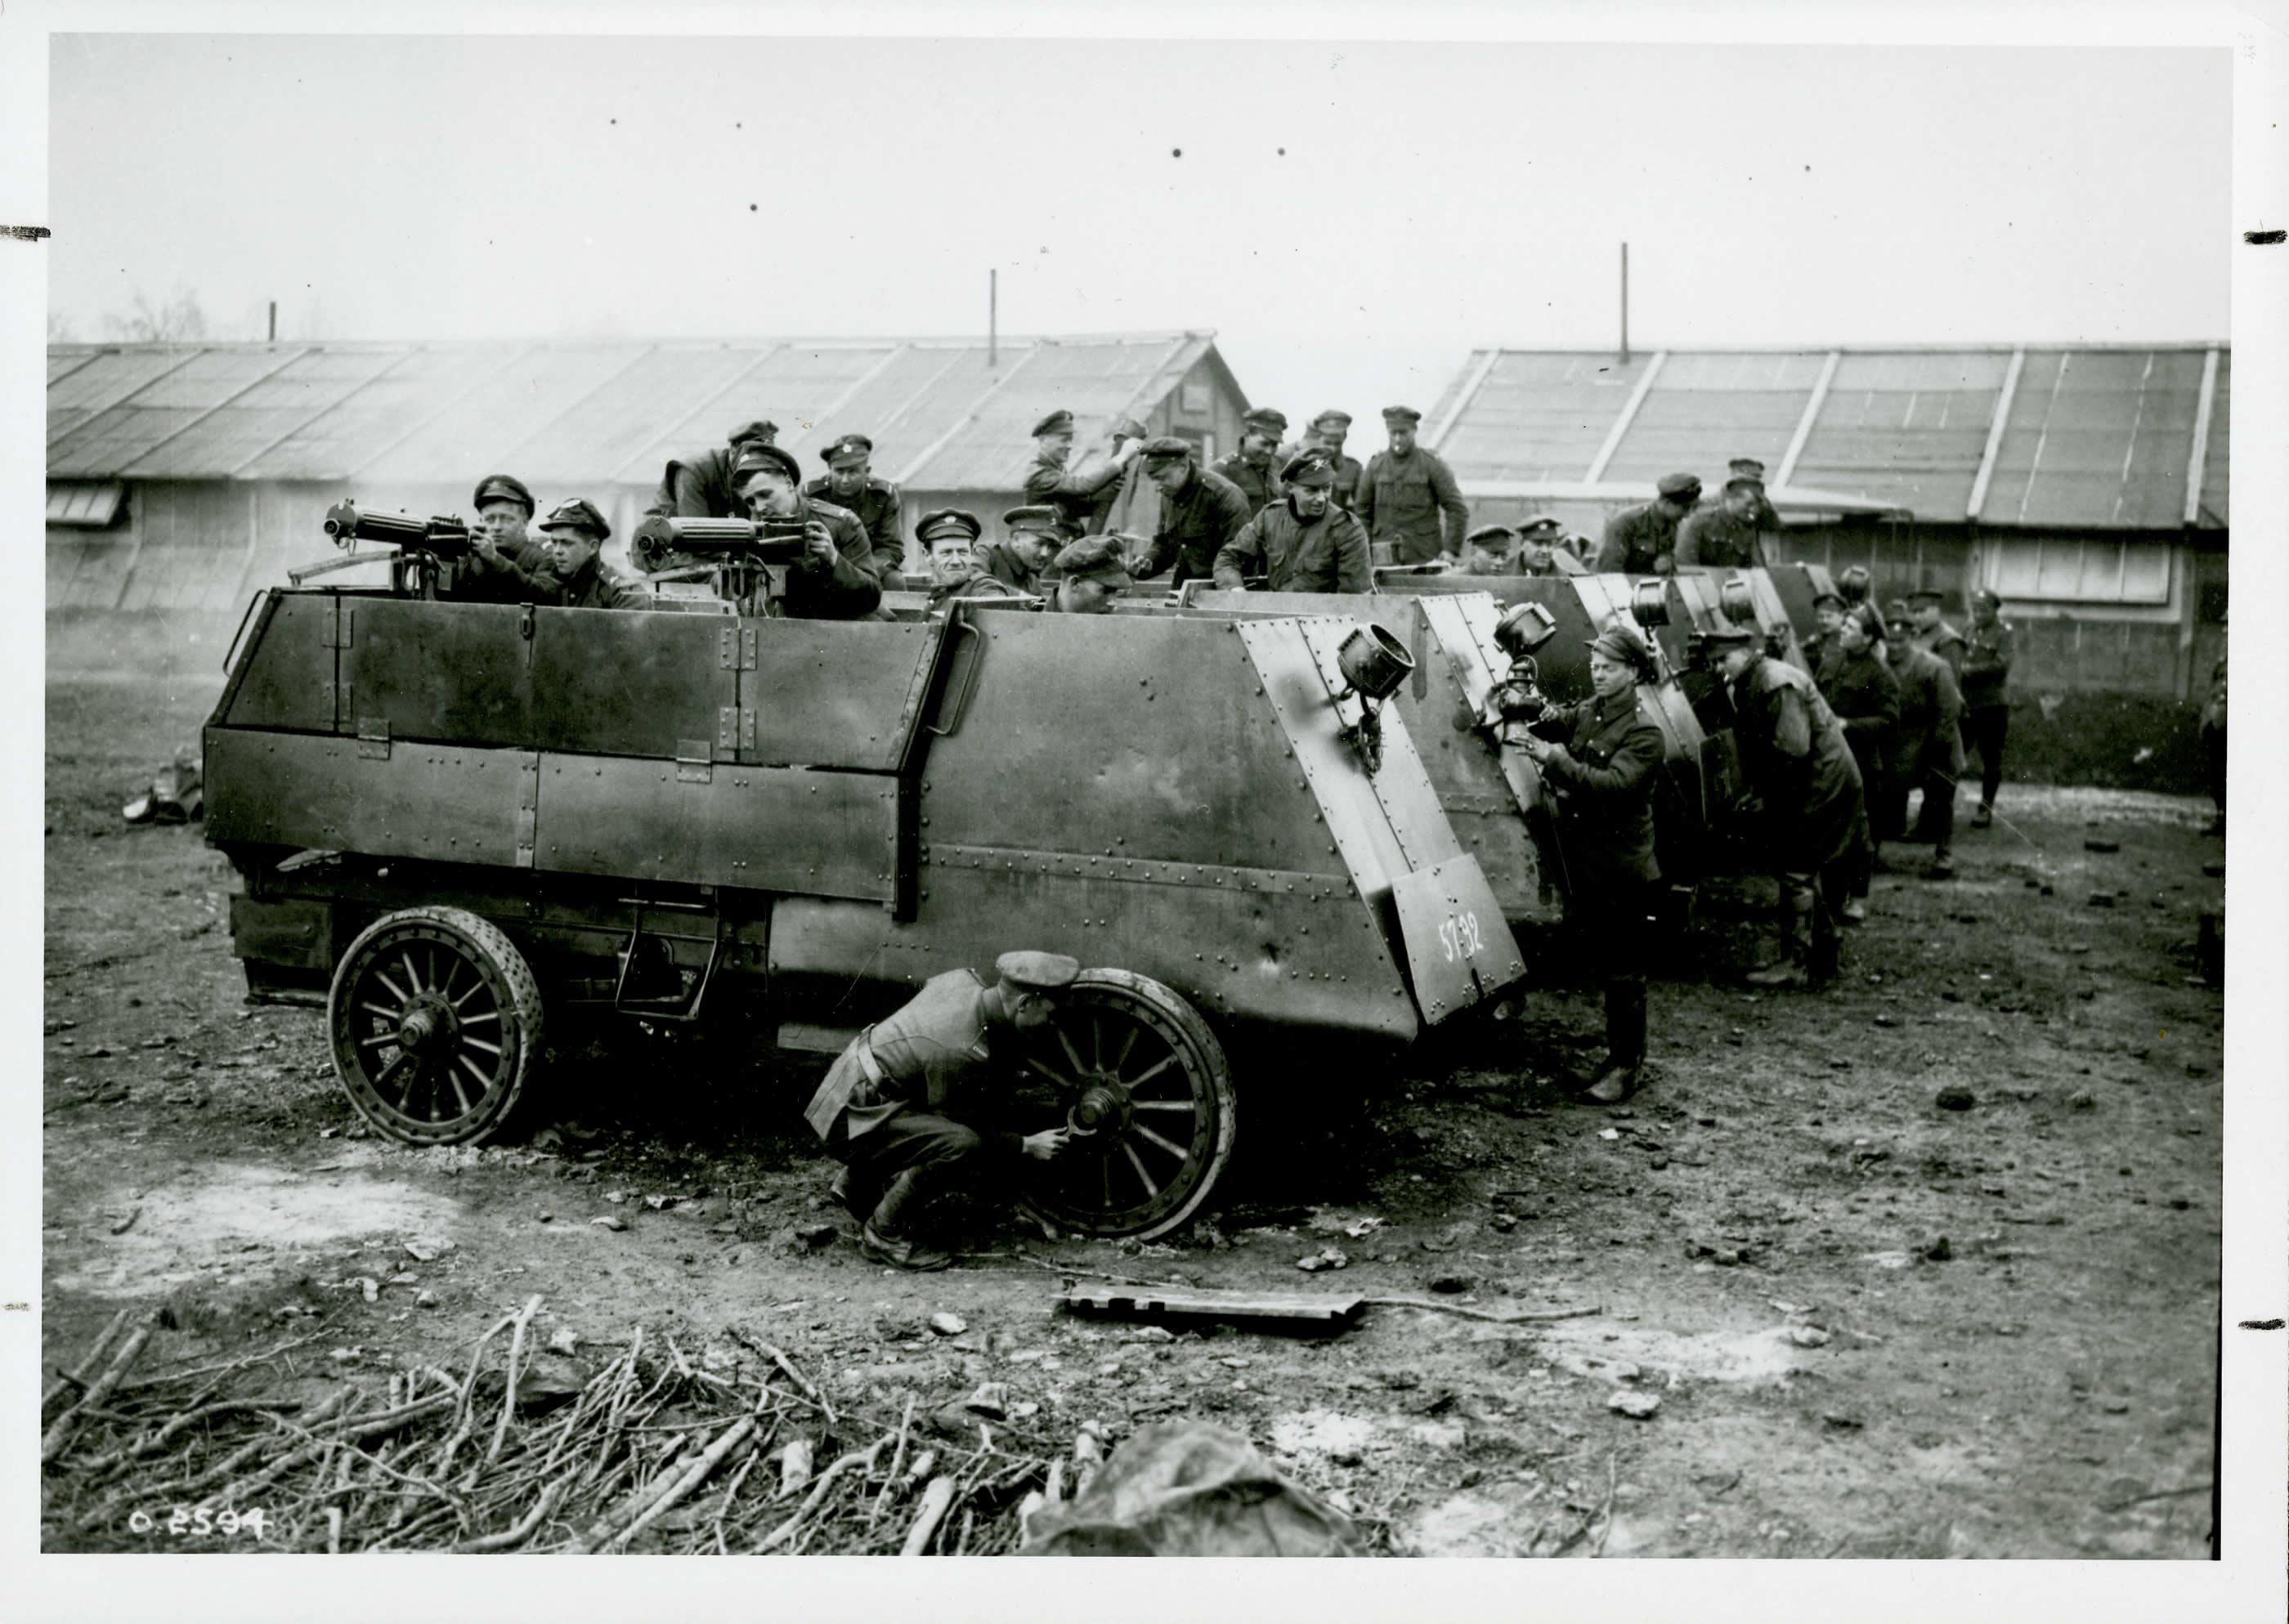 Nettoyage des véhicules blindés